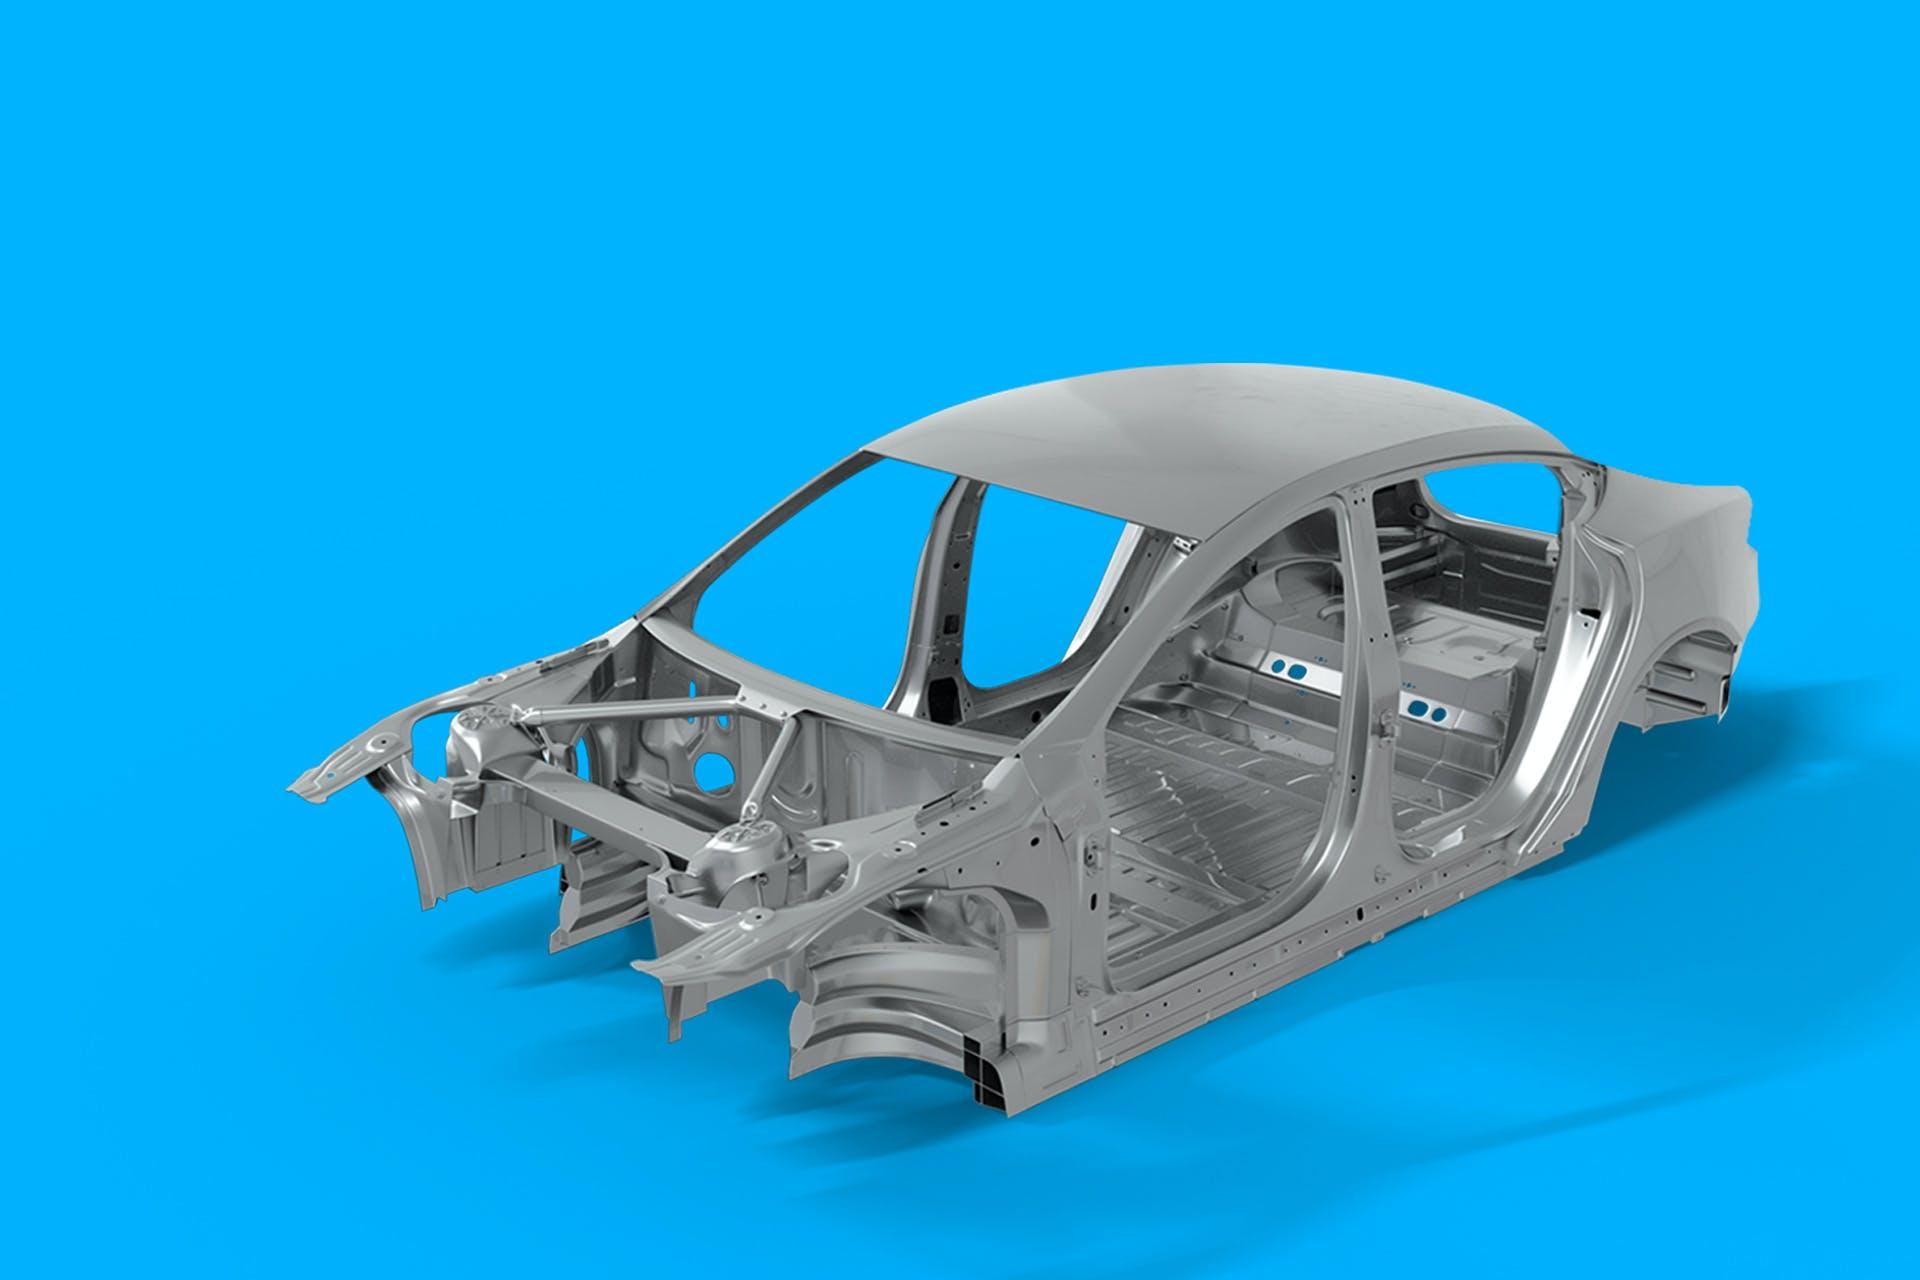 فحص درزات اللحام في تصنيع هياكل السيارات